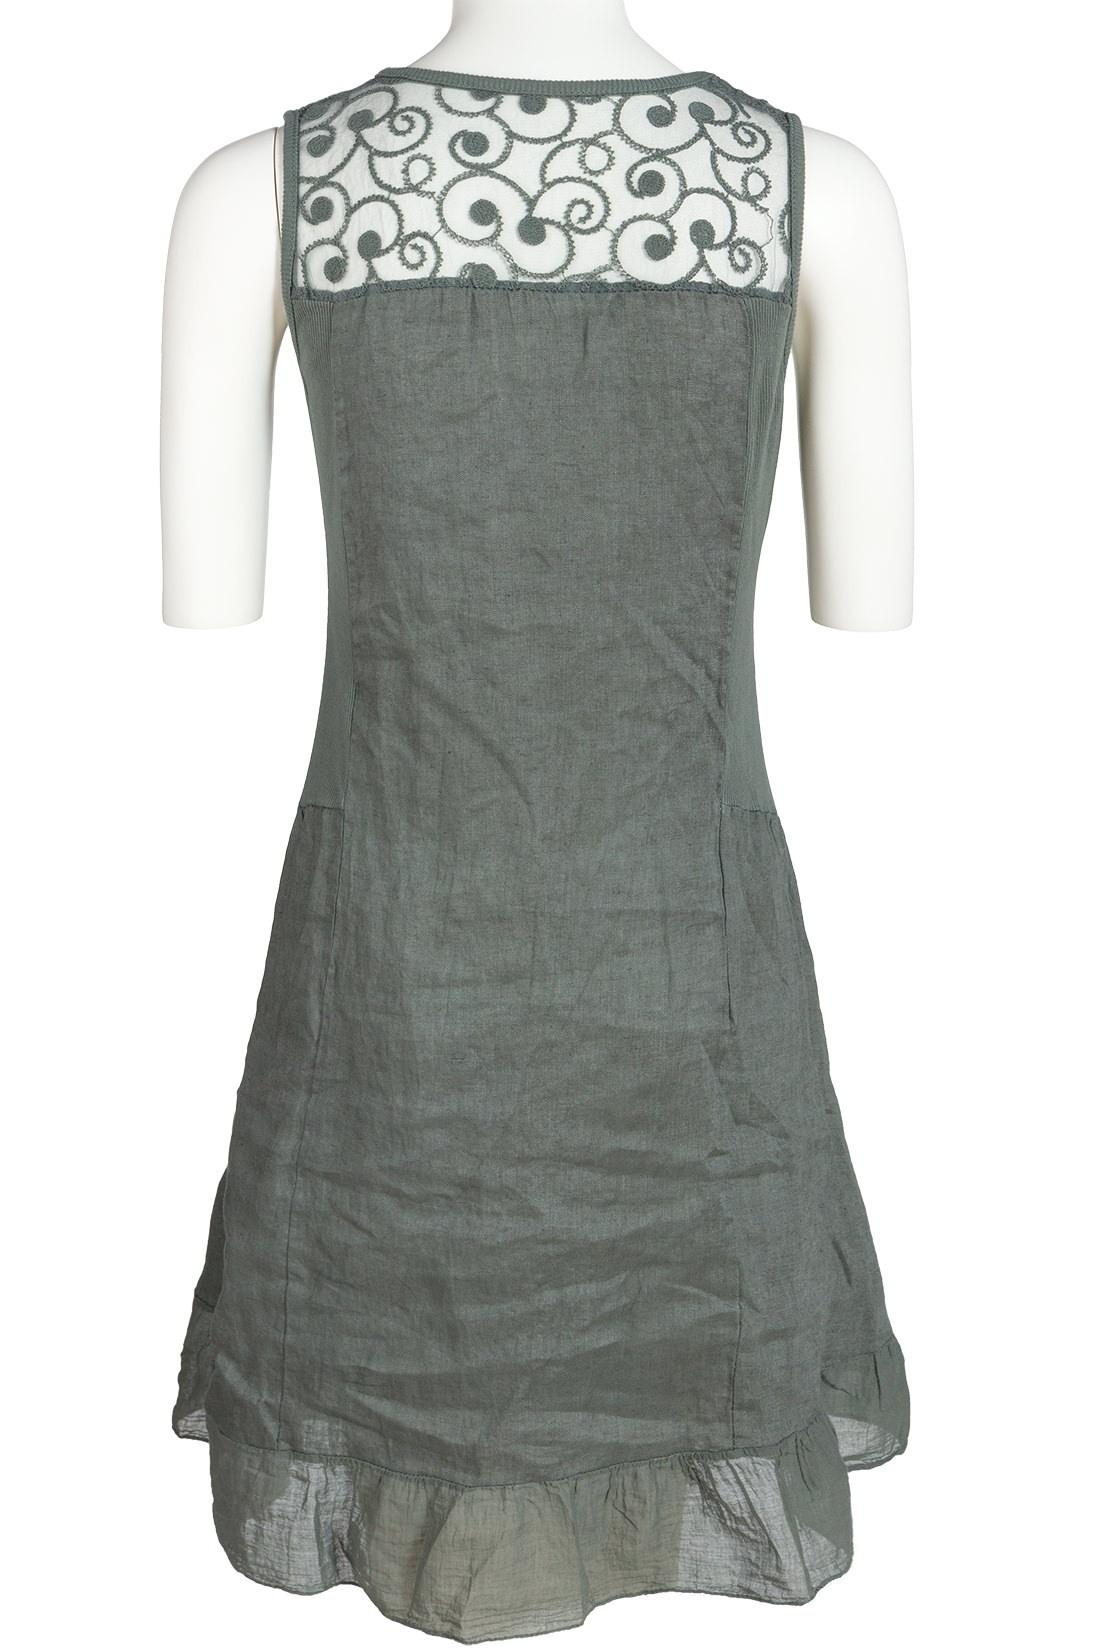 Formal Ausgezeichnet Kleid A Form VertriebAbend Einzigartig Kleid A Form Boutique